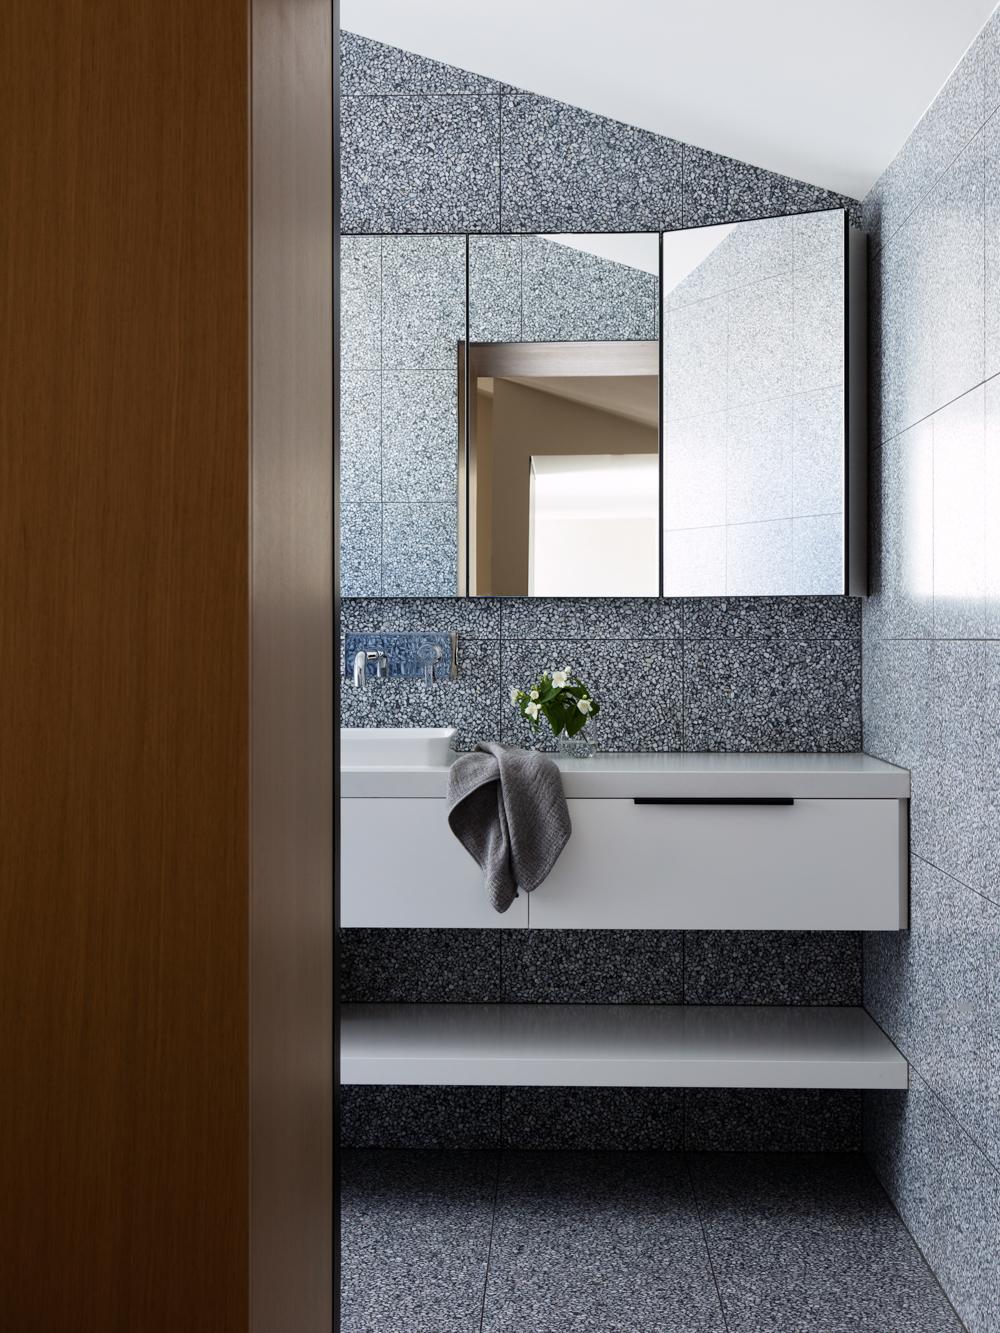 Designed by Pandolfini Architects